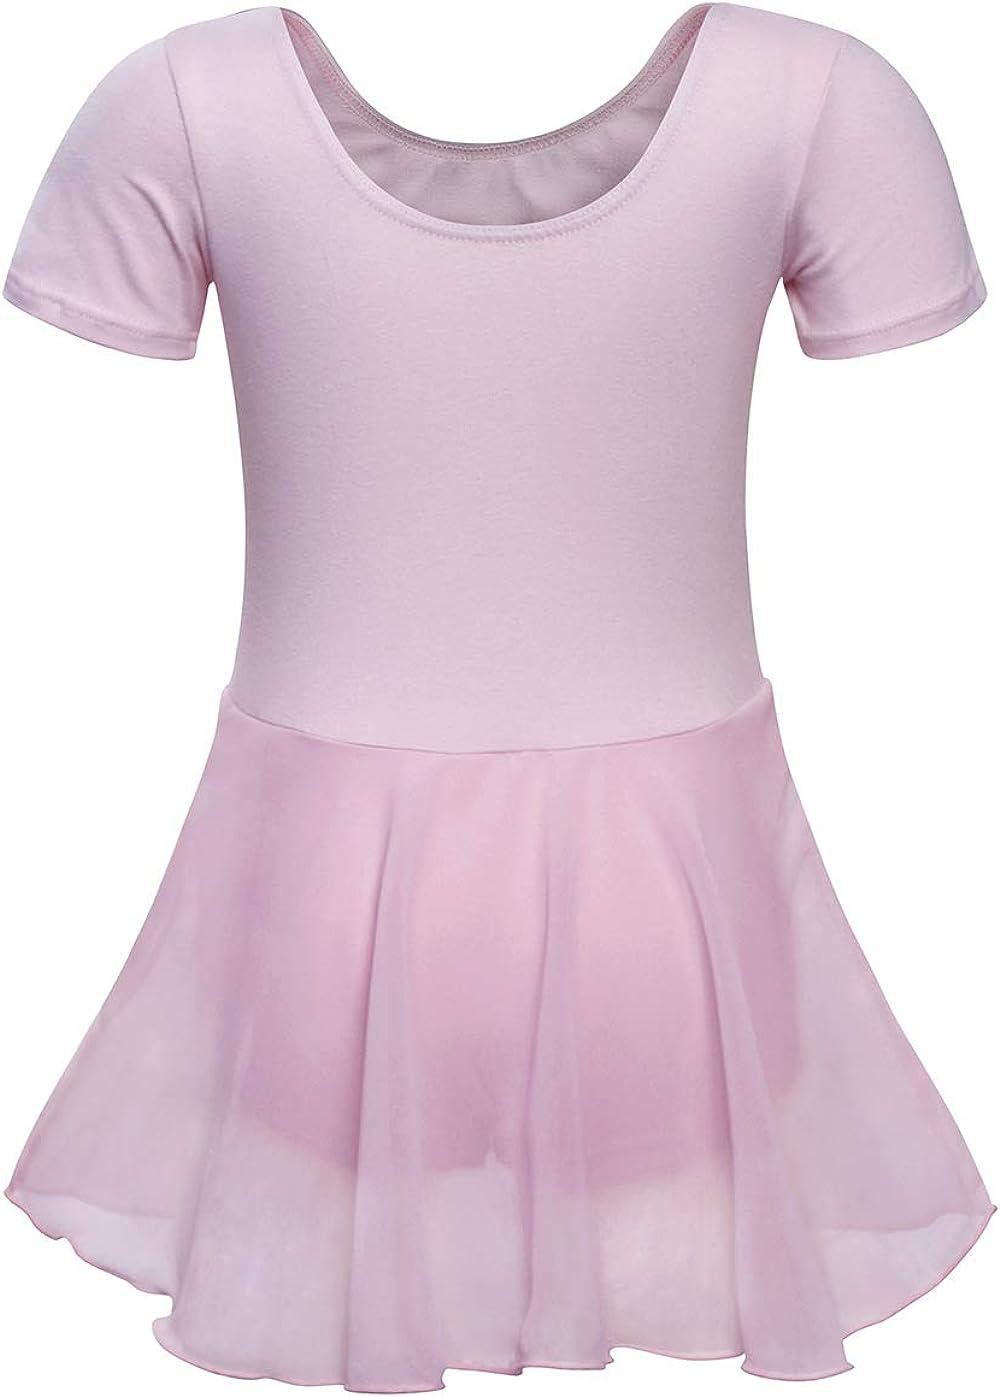 AmzBarley Gimnasia Maillot de Danza Leotardo Traje Vestido de Ballet para Ni/ñas de Ballet Equipamiento B/ásico con Falda Envolvente Disfraz Bailarina